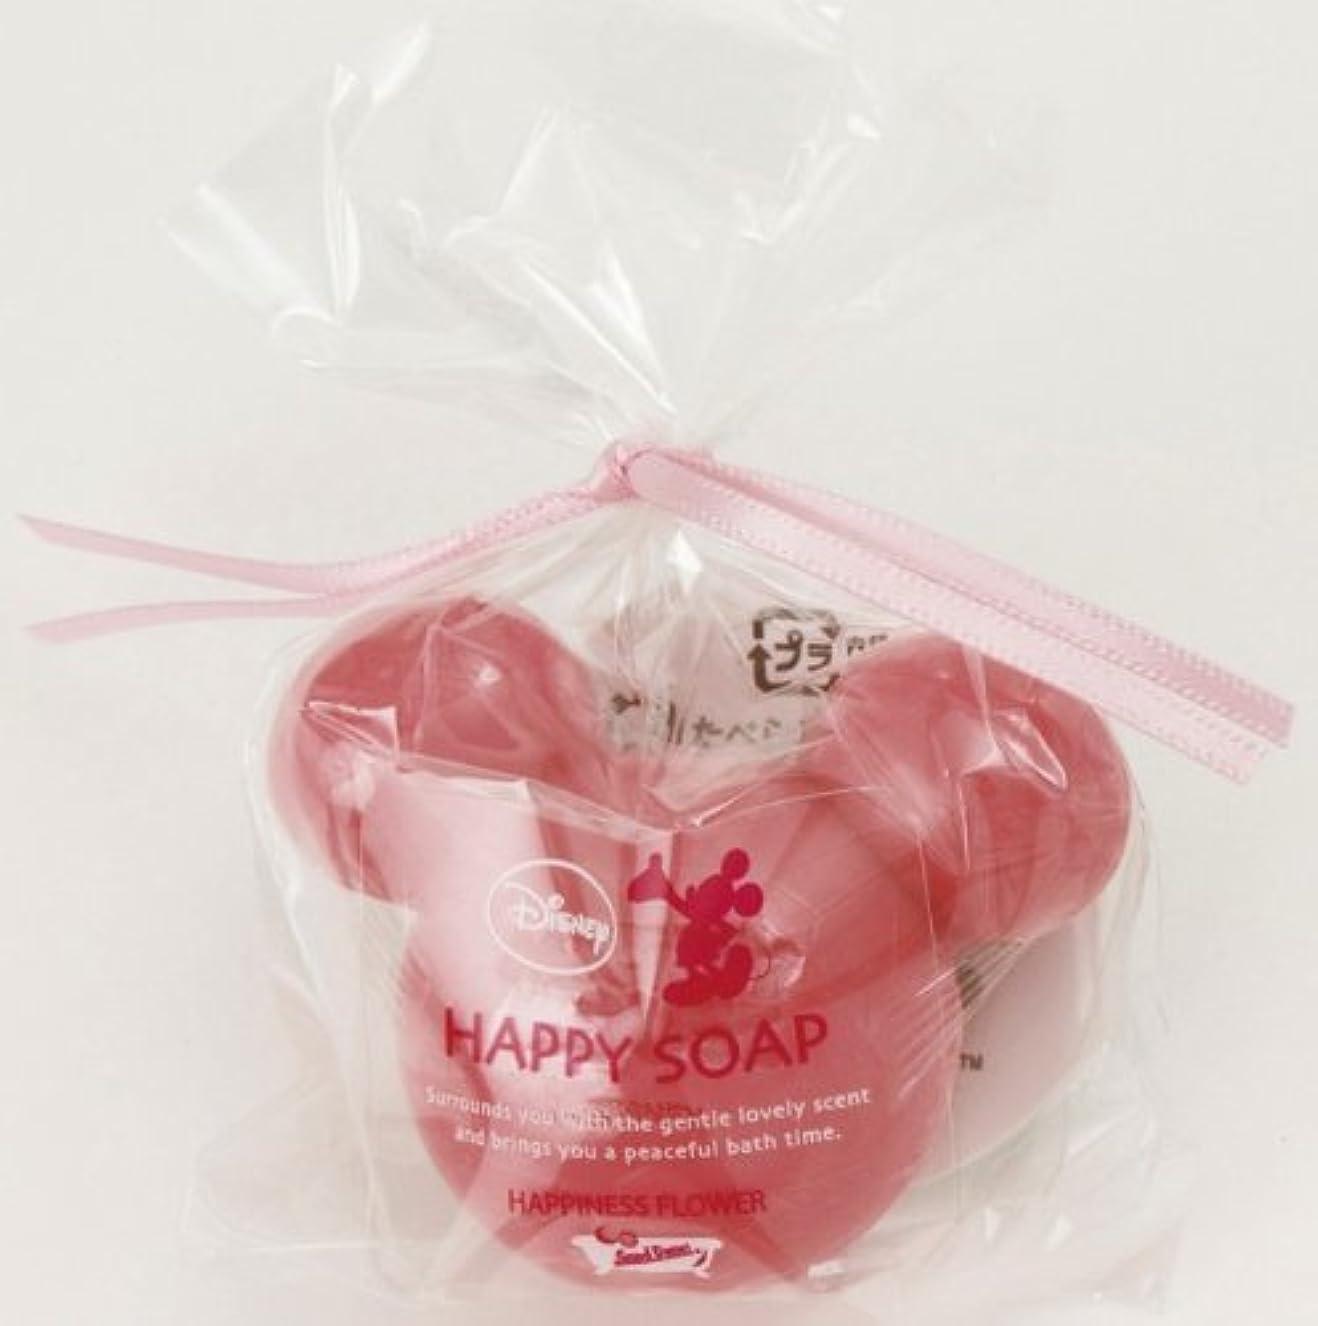 ミッキーマウスとバスタイム?ハッピーソープのプチギフト ディープピンク(ローズの香り)【結婚式 ホワイトデー 記念品】